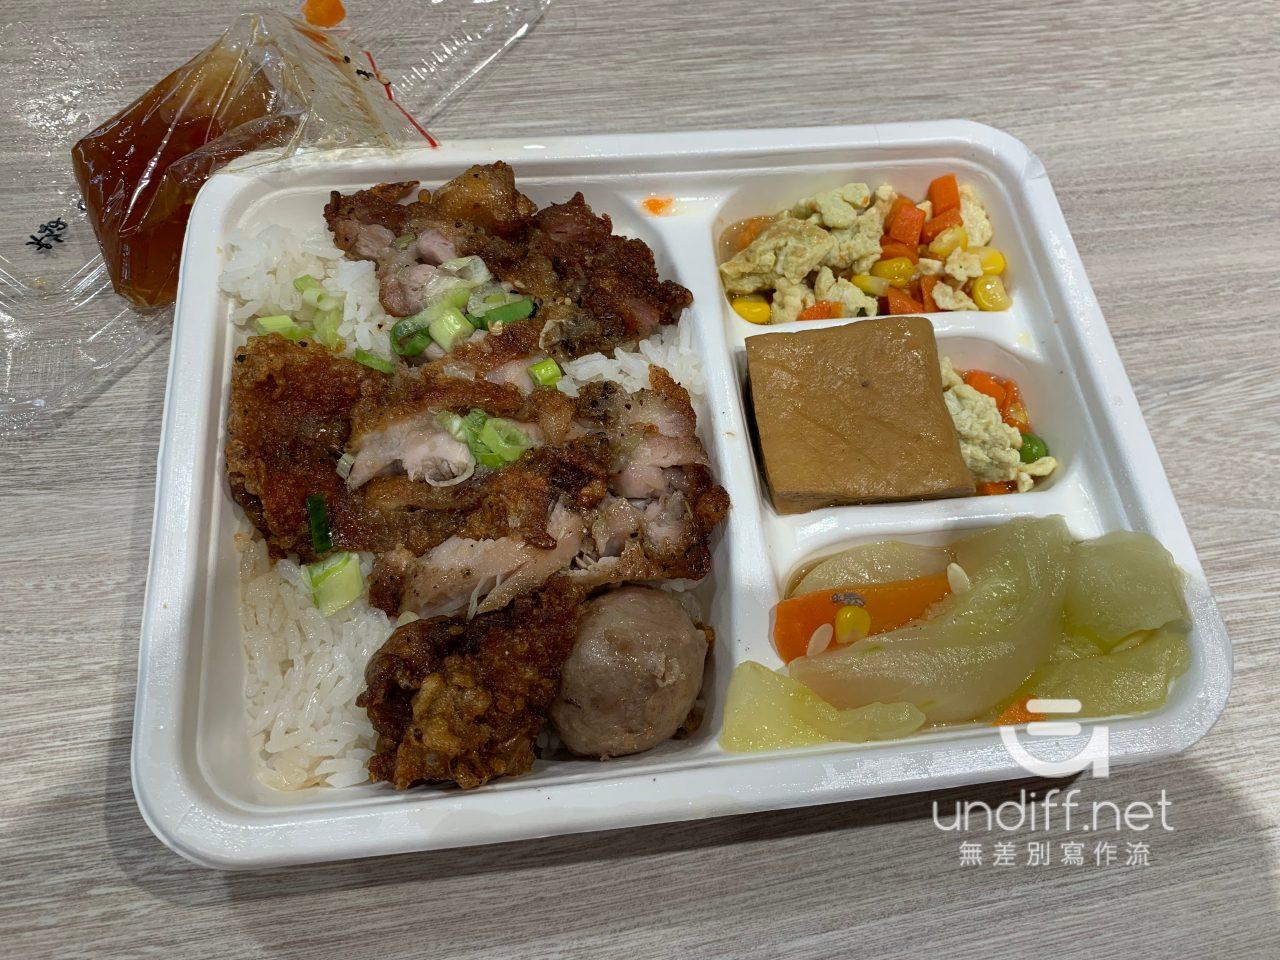 【內湖 訂便當日記】日嚐 Taste&Enjoy 南洋風味料理 4